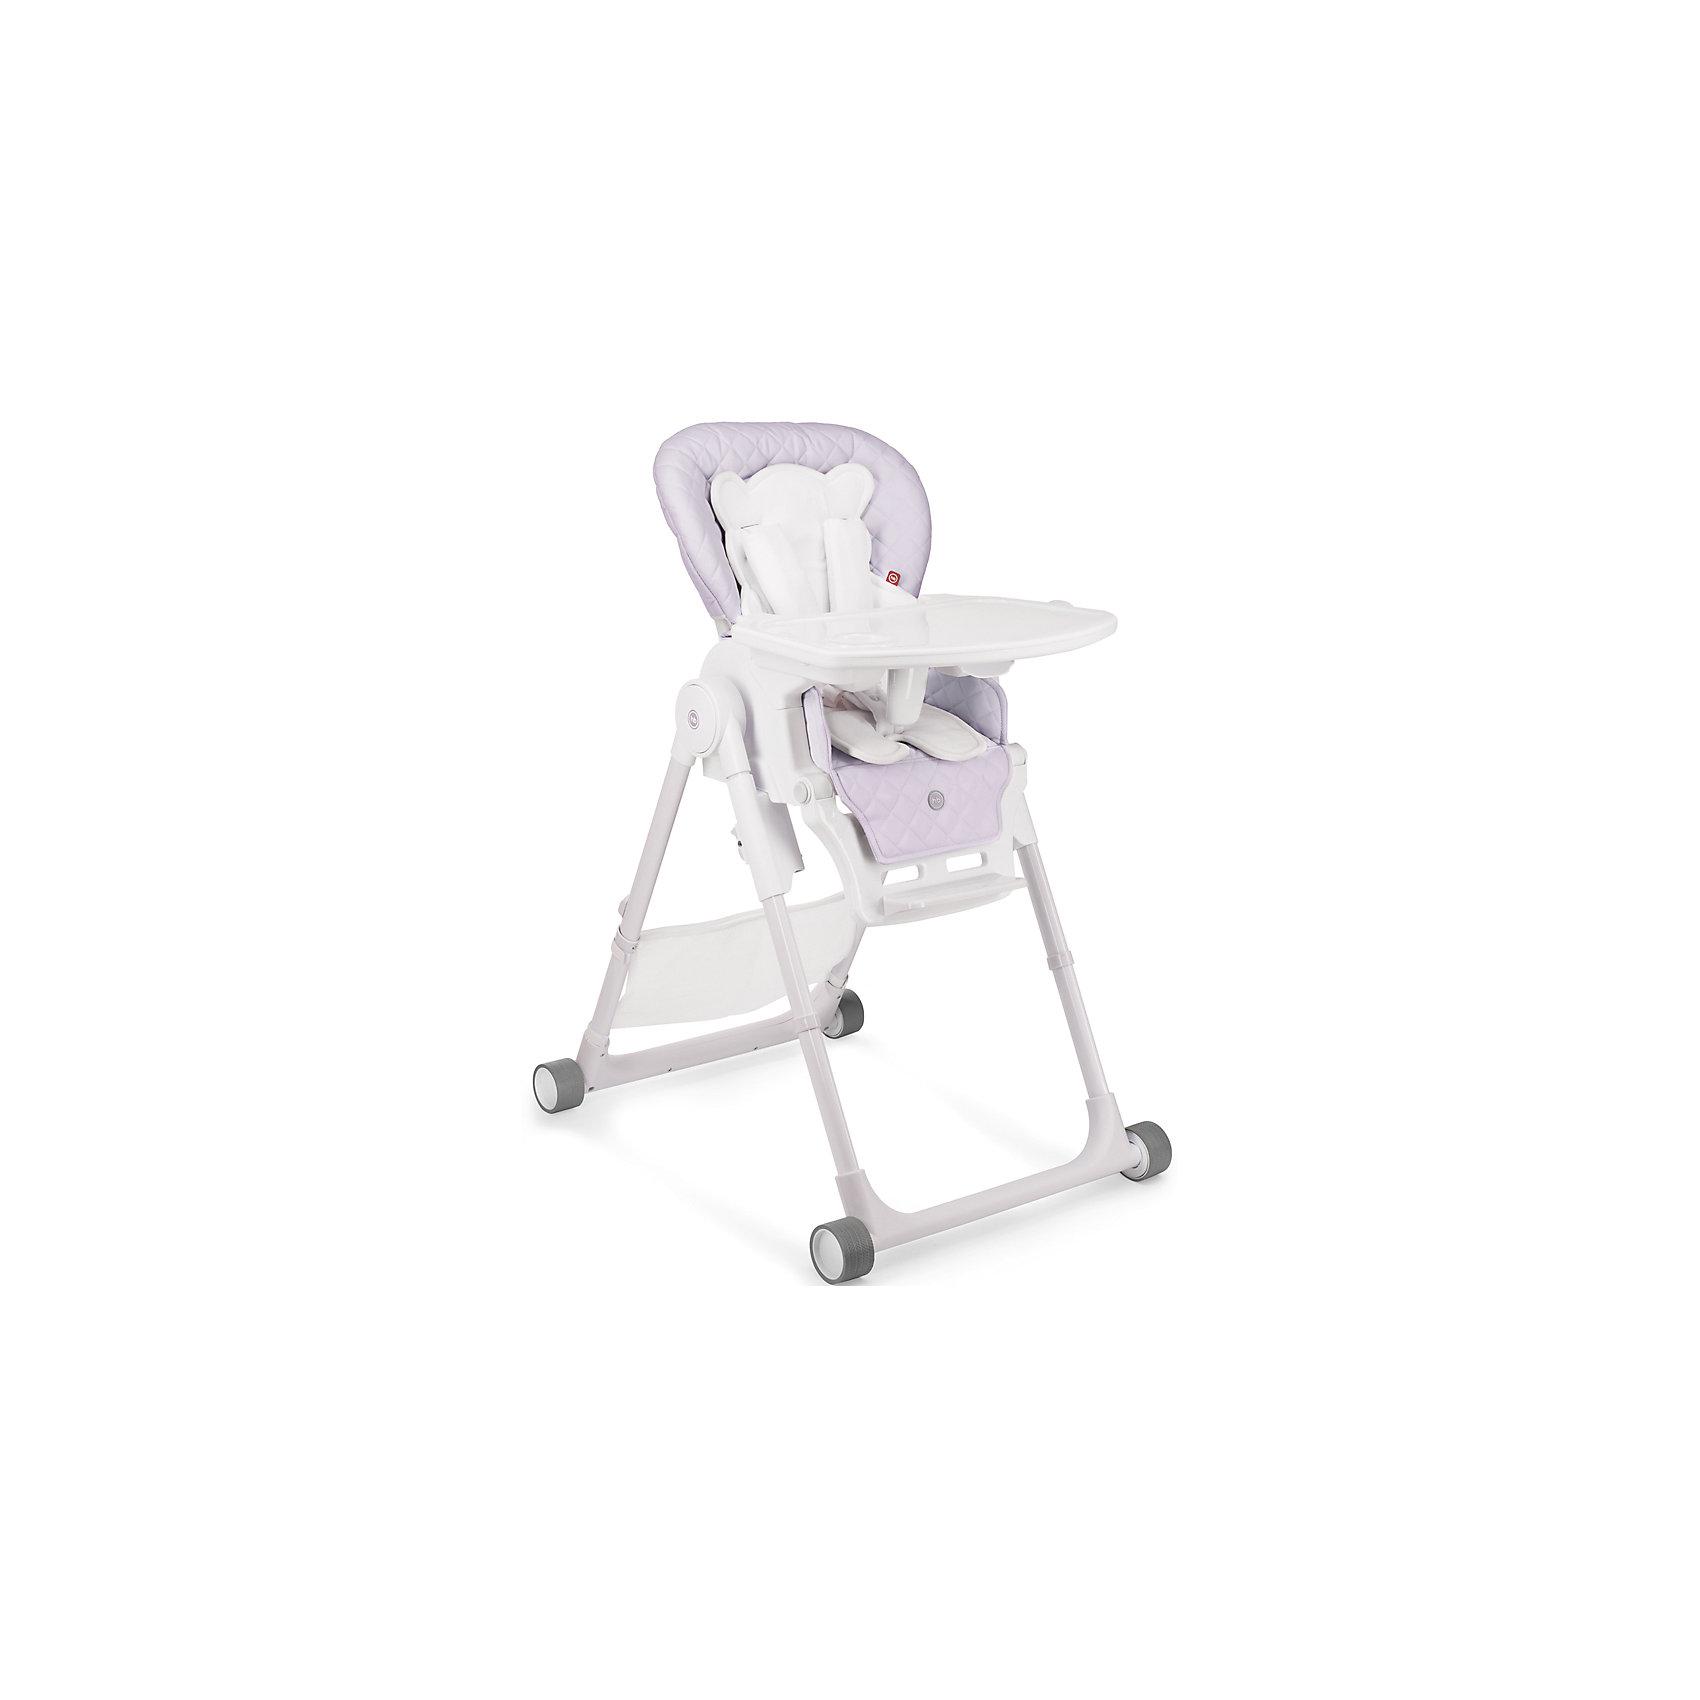 Стульчик для кормления William V2, Happy Baby, сиреневыйот +6 месяцев<br>Стульчик для кормления Wiliam V2 - прекрасный вариант для малышей и их родителей! Стульчик имеет удобное мягкое сиденье эргономичной формы с дополнительным матрасиком для малышей. Пятиточечные страховочные ремни обеспечат безопасность даже самым активным малышам. Съемная столешница регулируется в 3-х положениях (по глубине), дополнена съемным подносом с подстаканником. Три положения наклона сиденья обеспечат комфортное кормление, а регулировка по высоте и регулируемая подножка позволяют стульчику расти вместе с ребенком. Стул имеет колеса, облегчающие перемещение по квартире, легко и быстро складывается, в сложенном виде занимает мало места. В комплекте - сетка для игрушек.<br><br>Дополнительная информация:<br><br>- Материал: пластик, металл, экокожа, текстиль. <br>- Размер: 79х60х100 см. <br>- Размер в сложенном виде: 45х60х82 см. <br>- Ширина сиденья: 32 см.<br>- Ширина колесной базы: 54 см.<br>- Вес: 10,8 кг.<br>- Максимальный вес ребенка: 15 кг.<br>- Регулируемое сиденье.<br>- Регулируемая подножка.<br>- Регулировка по высоте.<br>- Съемный чехол. <br>- Съемная столешница (регулируется по глубине в 3 положениях). <br>- 5-титочечные ремни безопасности. <br>- 4 колеса. <br>- Мягкий вкладыш для малышей. <br>- Сетка для игрушек в комплекте. <br><br>Стульчик для кормления Wiliam V2, Happy Baby (Хеппи Беби), сиреневый, можно купить в нашем магазине.<br><br>Ширина мм: 450<br>Глубина мм: 345<br>Высота мм: 740<br>Вес г: 11400<br>Цвет: сиреневый<br>Возраст от месяцев: 6<br>Возраст до месяцев: 36<br>Пол: Унисекс<br>Возраст: Детский<br>SKU: 4978411